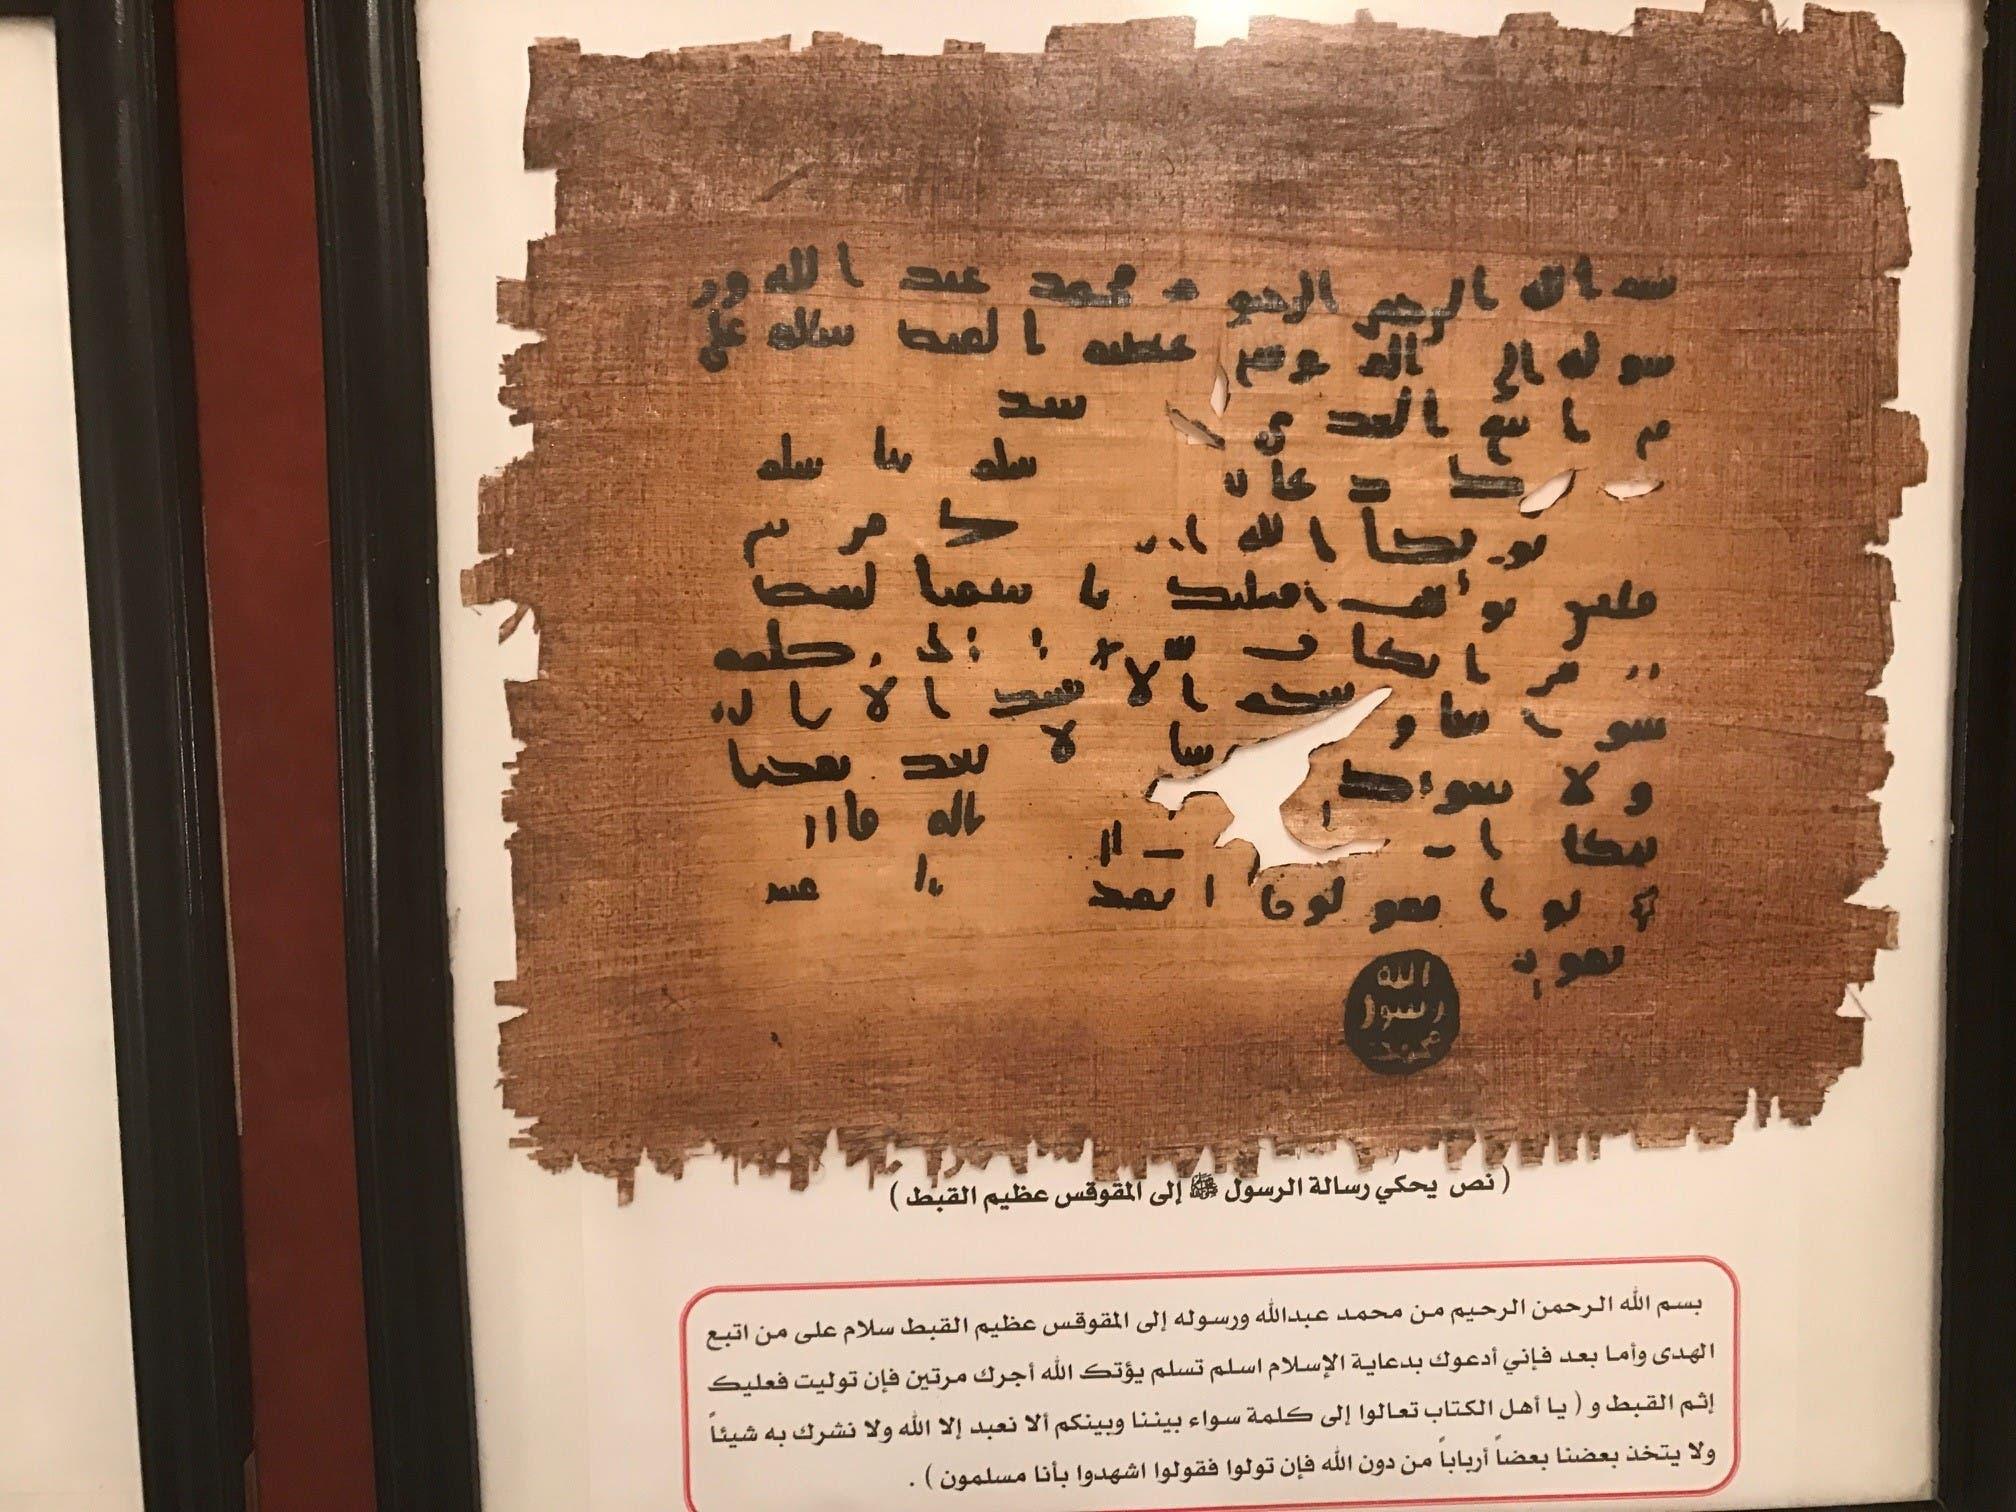 بالصور.. رسائل النبي محمد ملوك bab1fe8e-65a6-4f9c-8